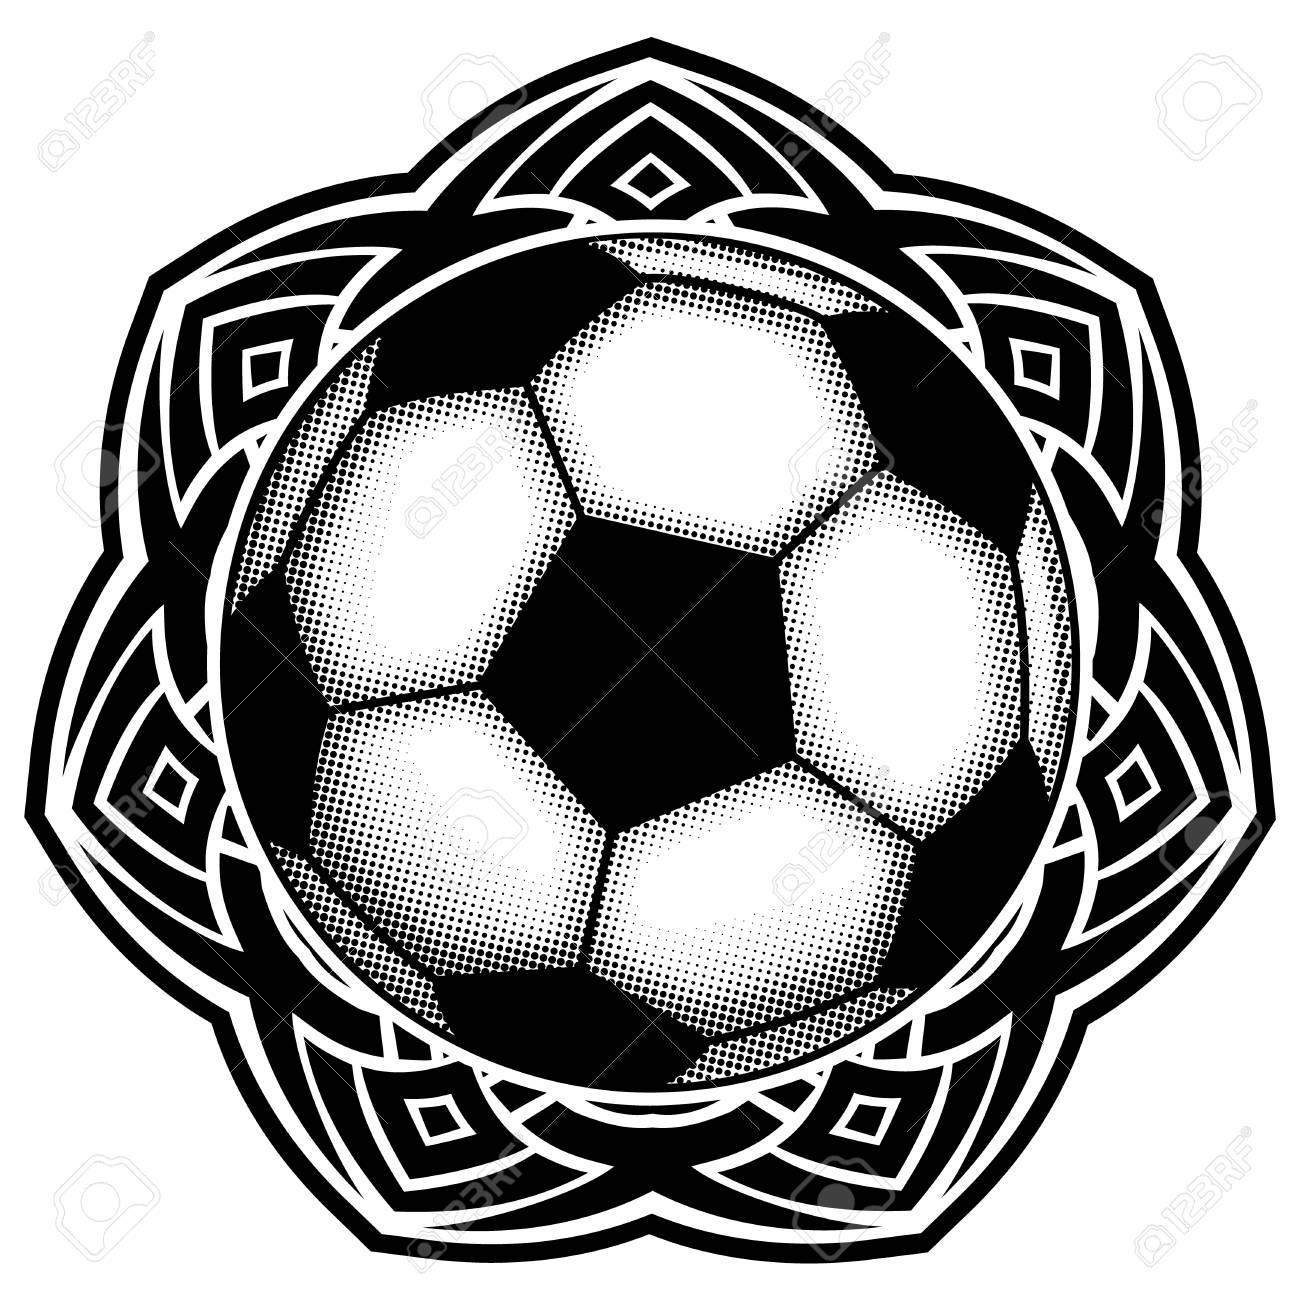 Ilustración Vectorial Abstracta Balón De Fútbol Blanco Y Negro